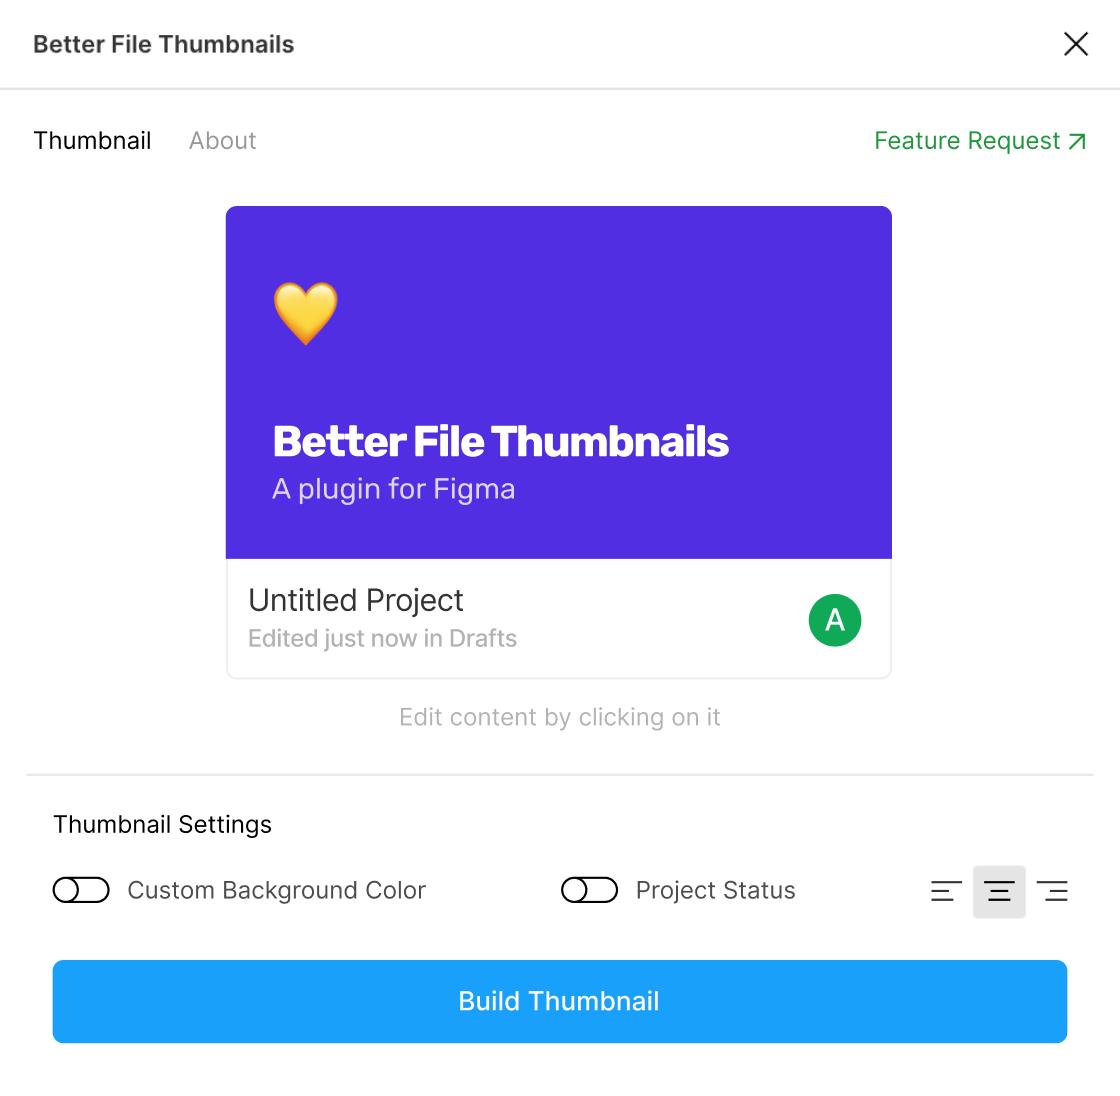 Better file thumbnails UI